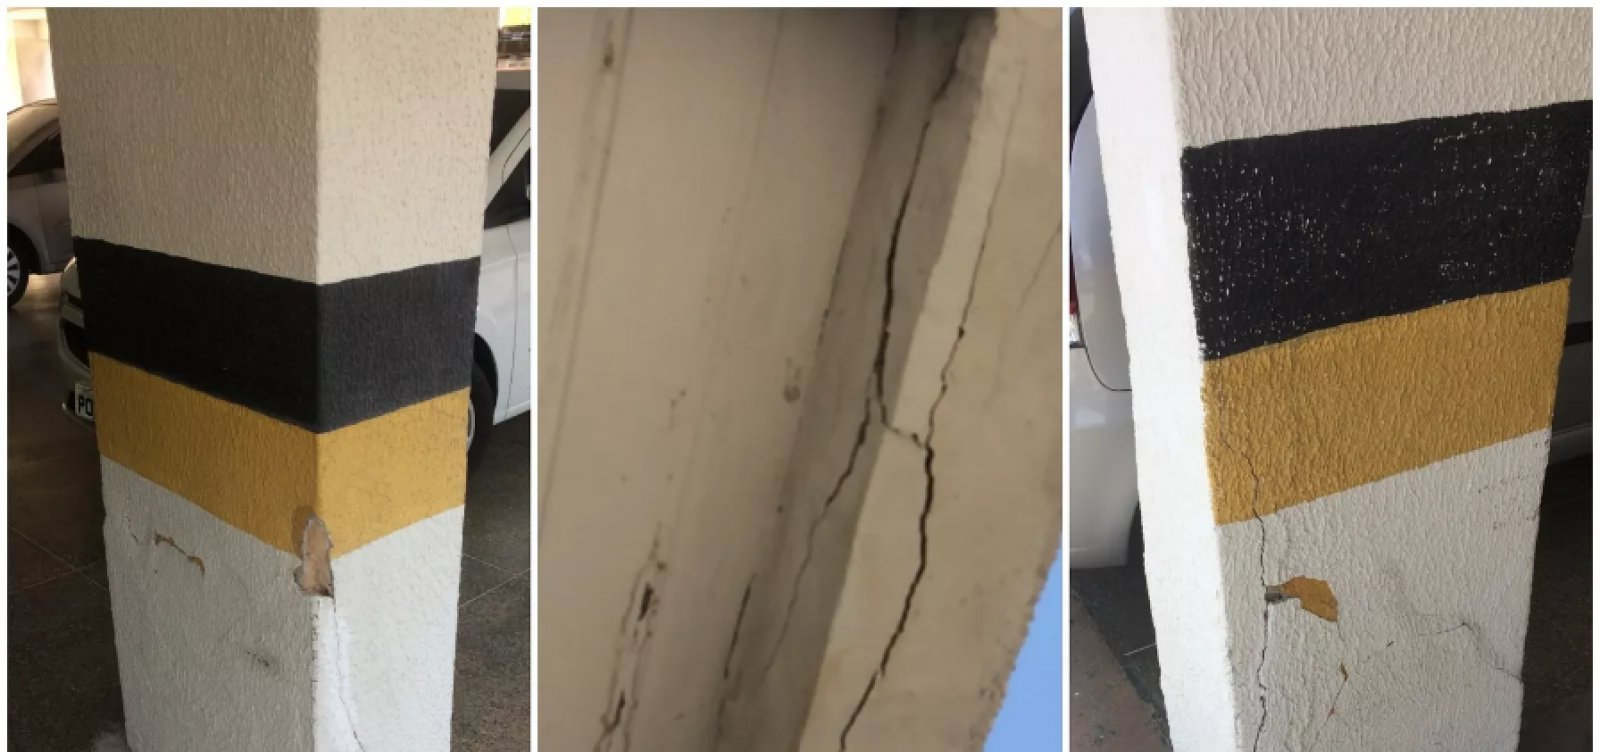 Empresa detectou 135 'pontos críticos' em prédio um mês antes de desabamento